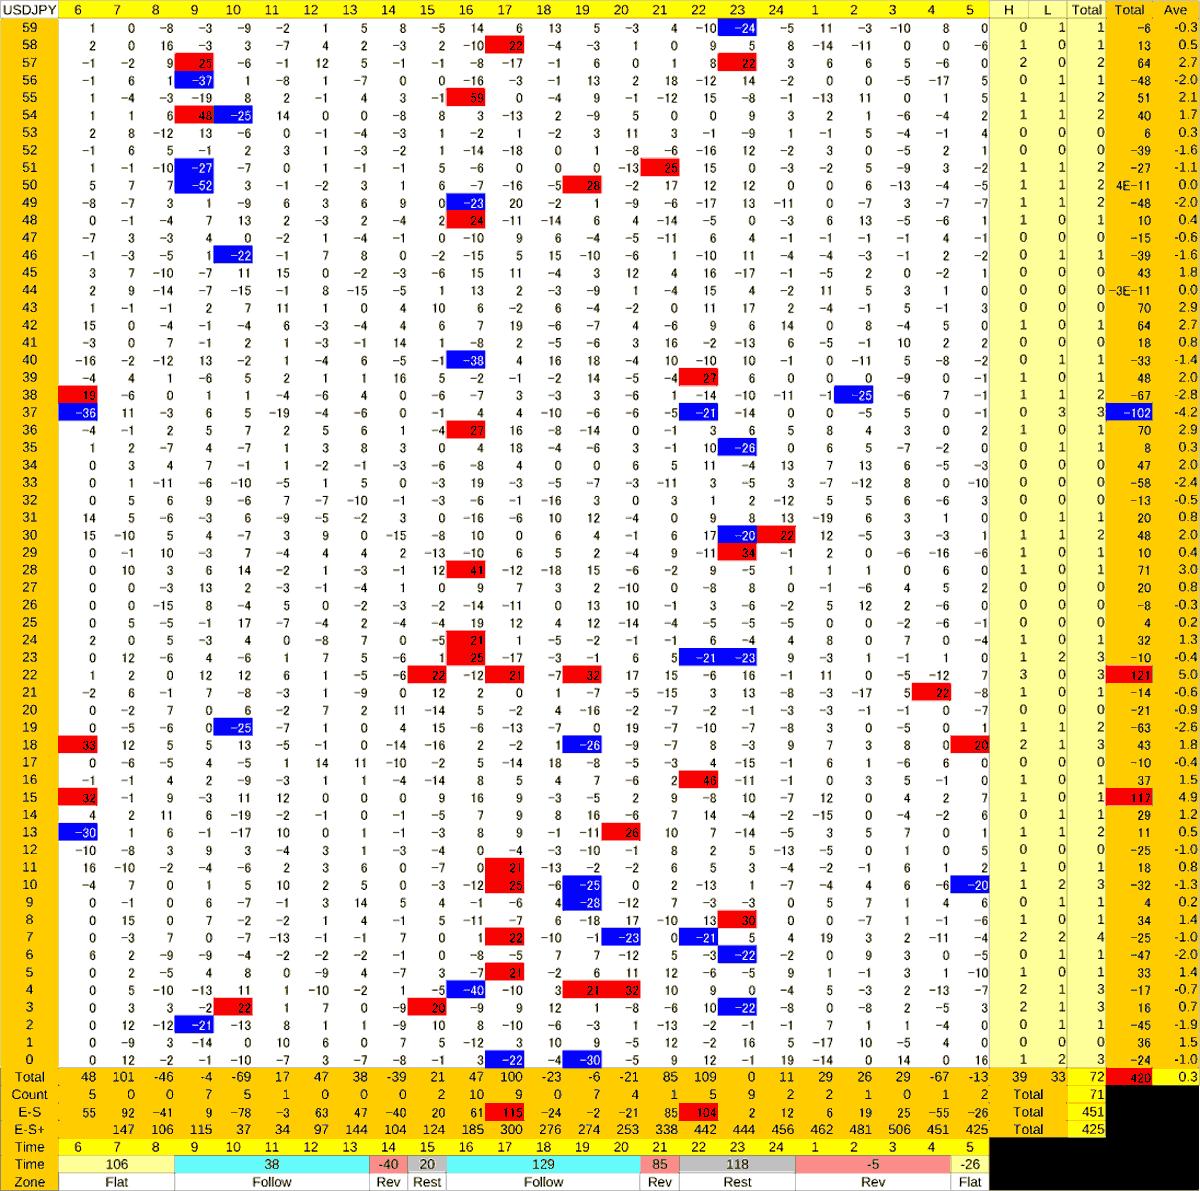 20200722_HS(1)USDJPY